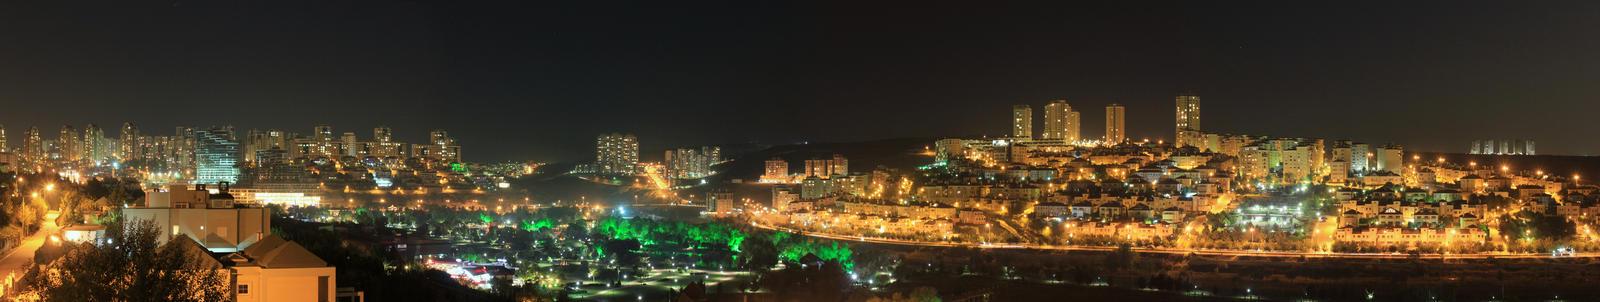 Bahcesehir panoramik by Servetinci